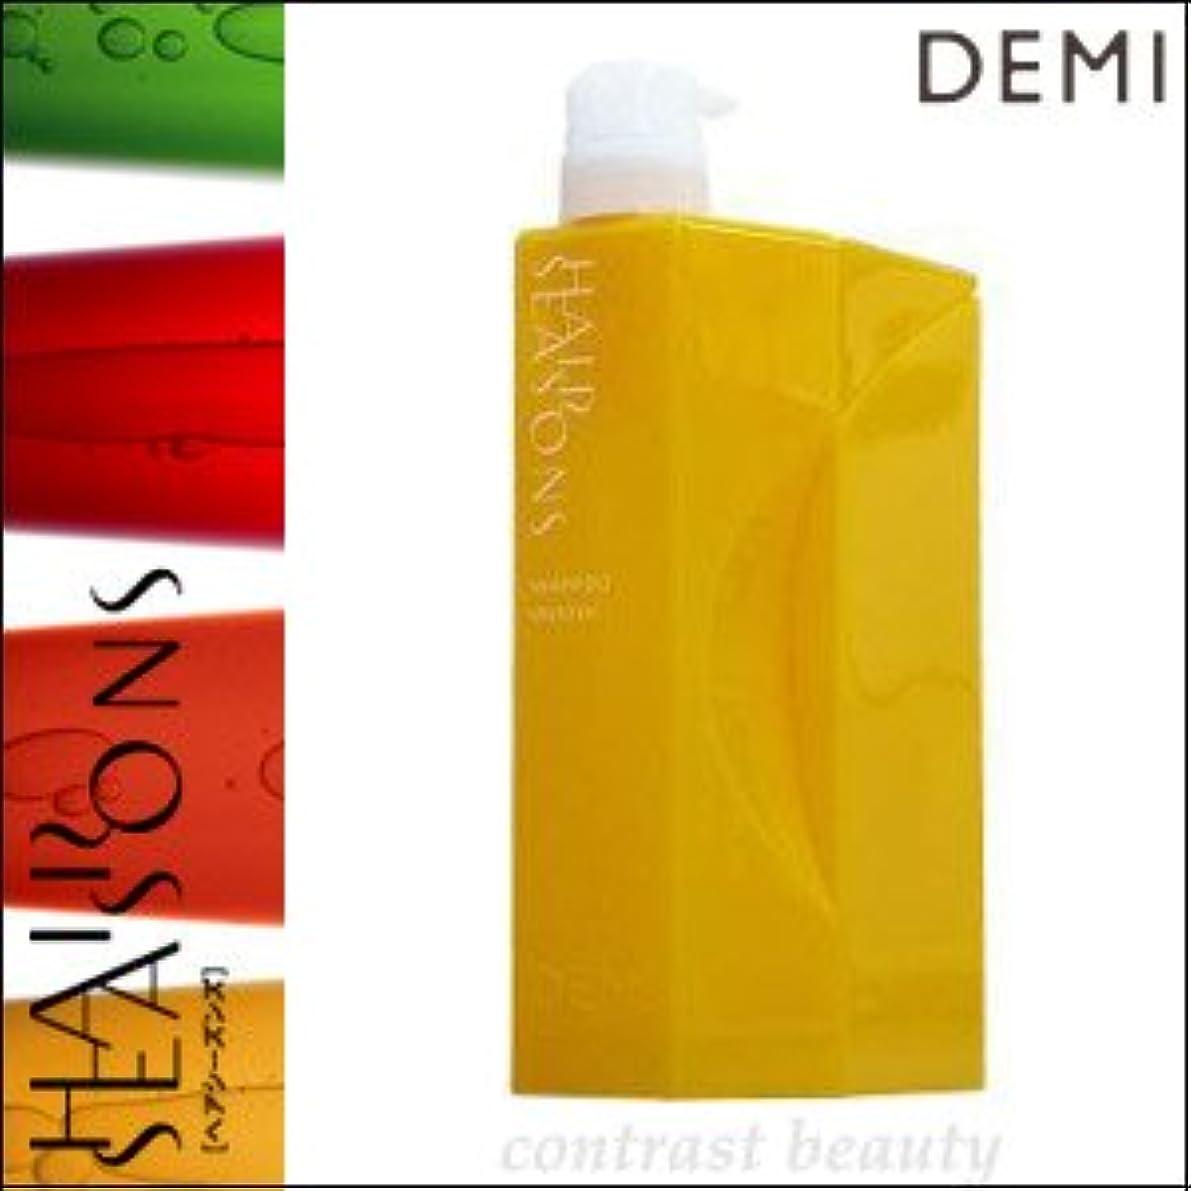 いらいらする化学血【X3個セット】 デミコスメティクス ヘアシーズンズ シャンプー スムース 専用ケース DEMI HAIR SEASONS